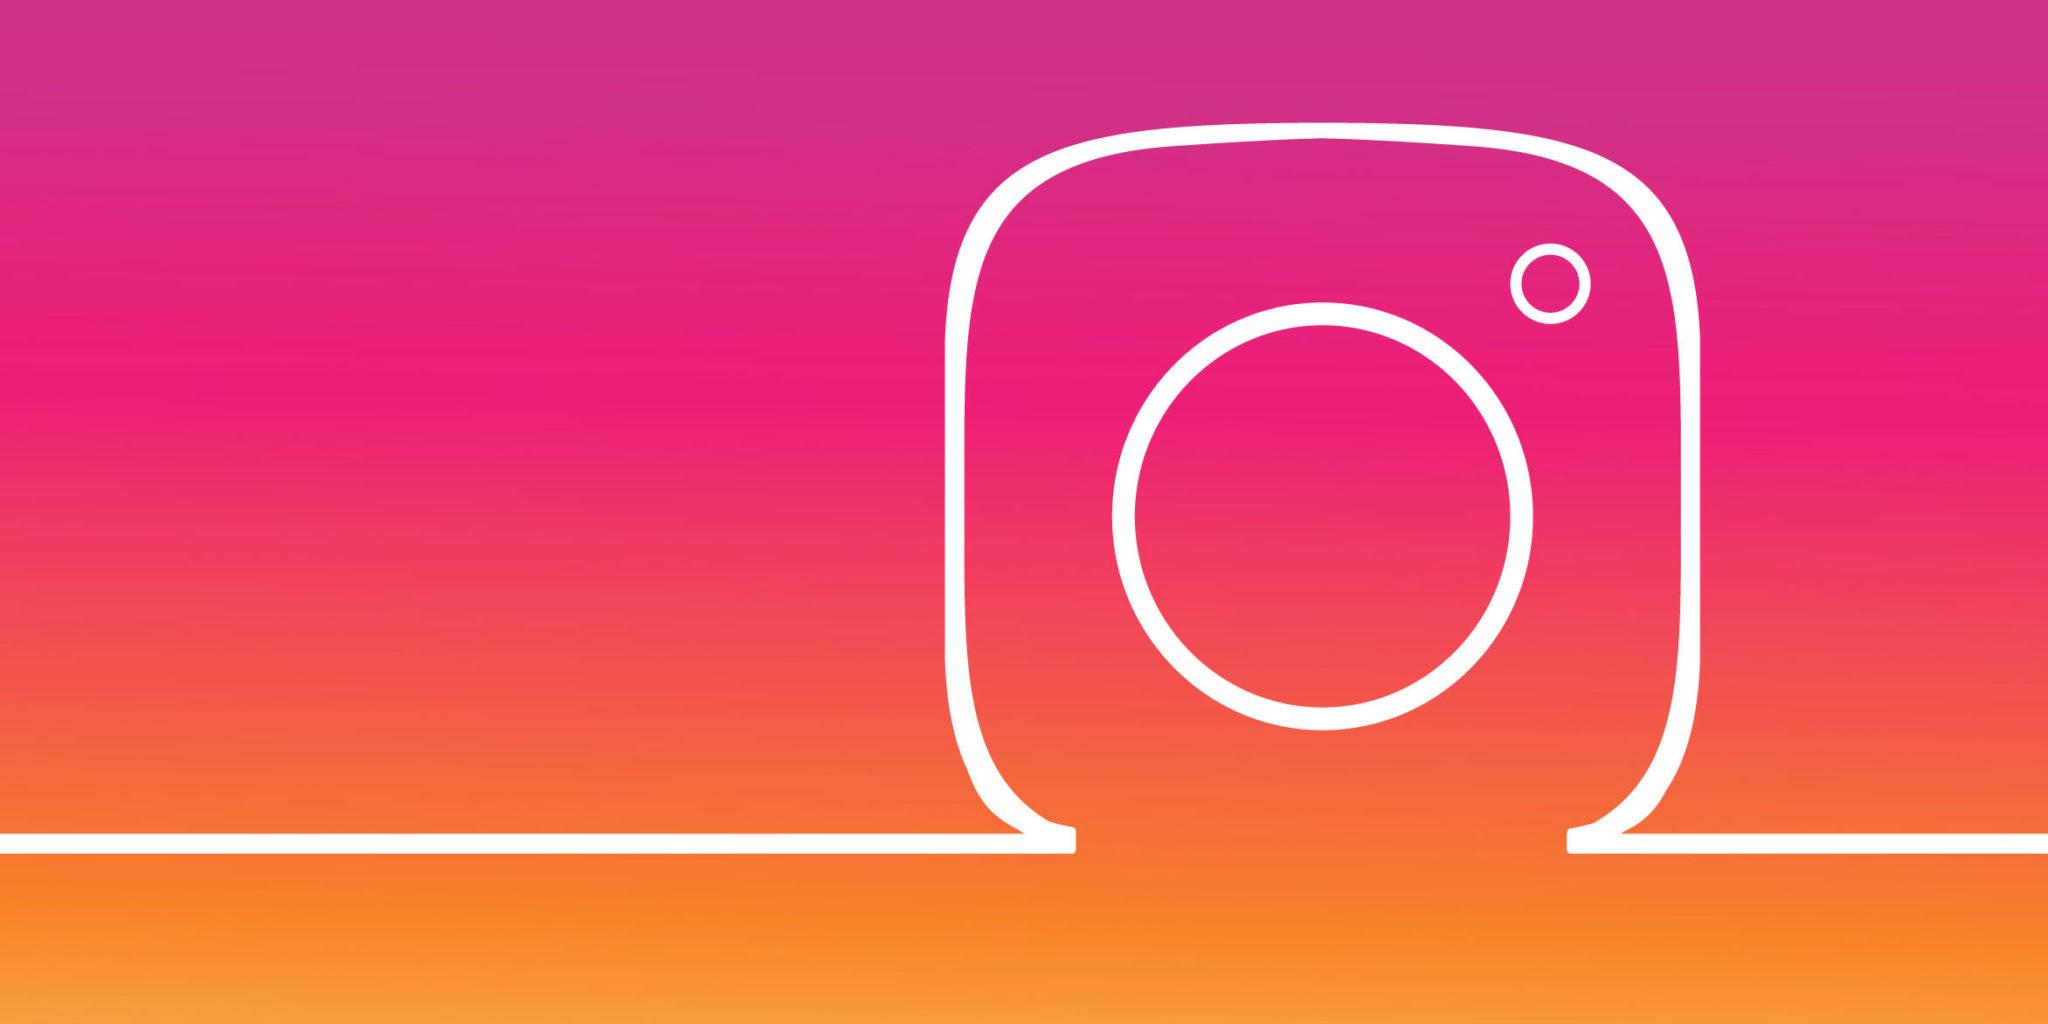 Instagram agora pede documento para confirmar identidade de usuários